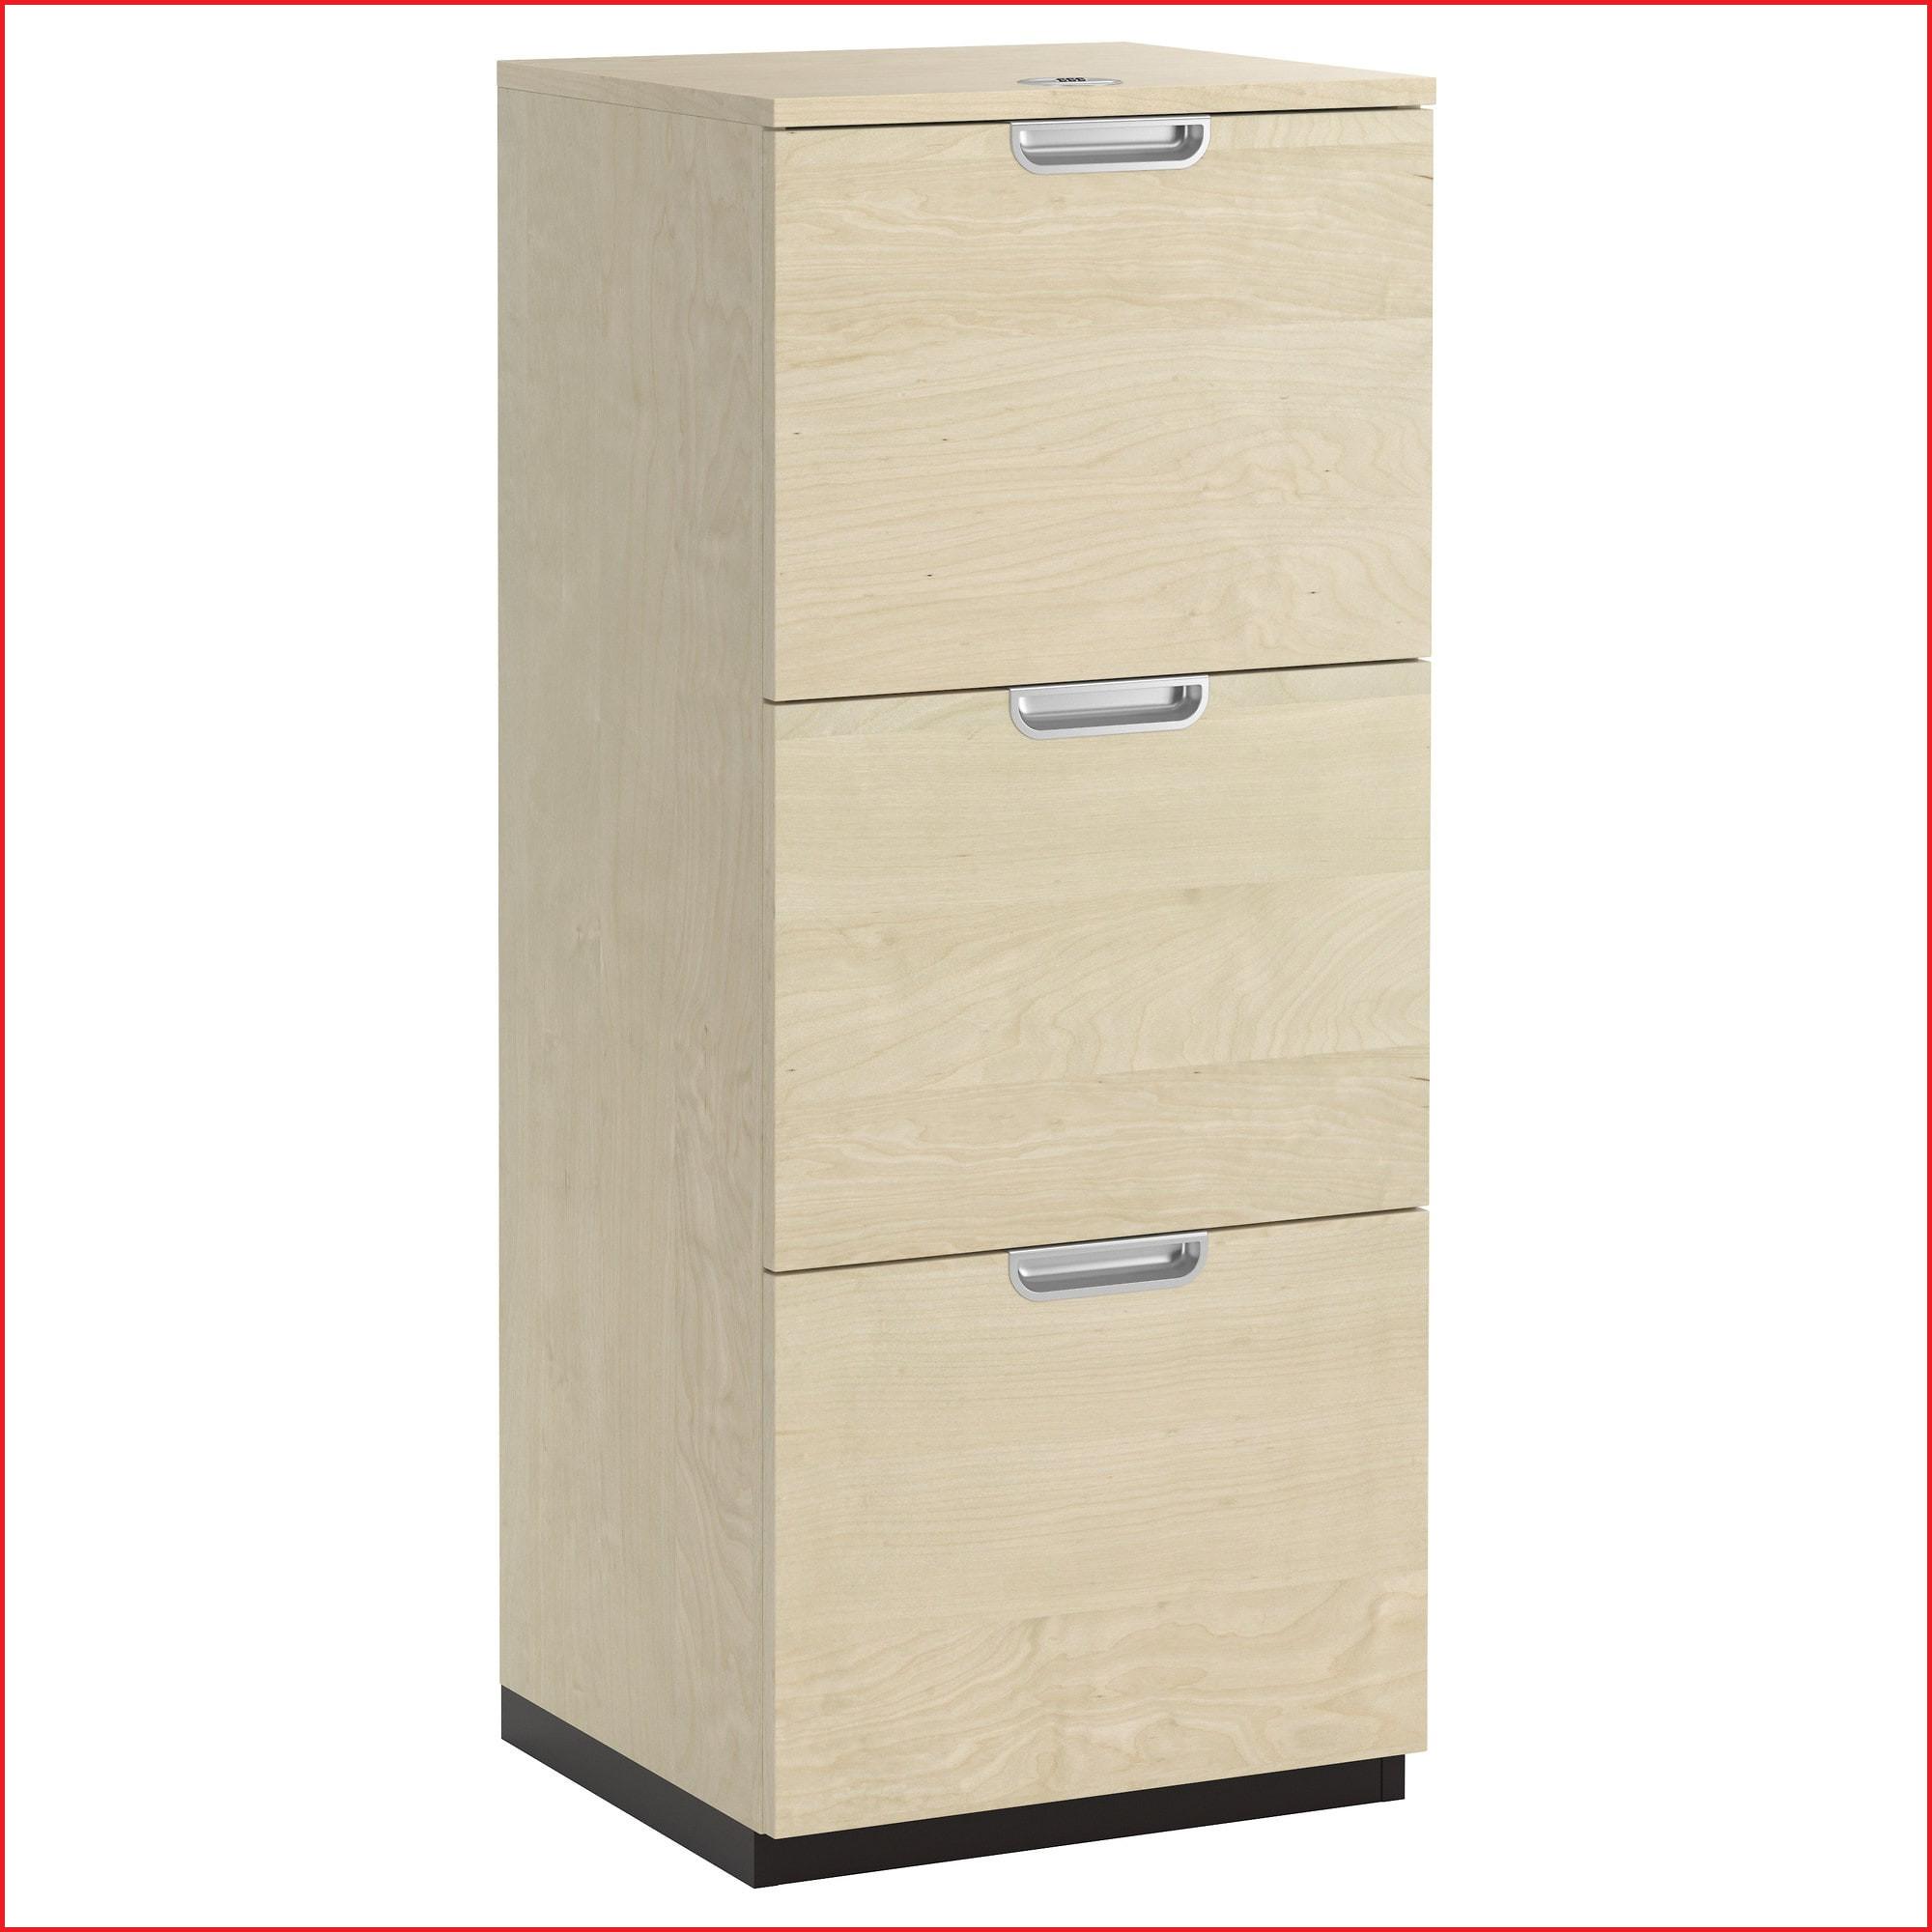 Archivador Metalico Ikea Ffdn Armario Archivador Ikea Galant Armario Arch Chapa Abedul 51 X